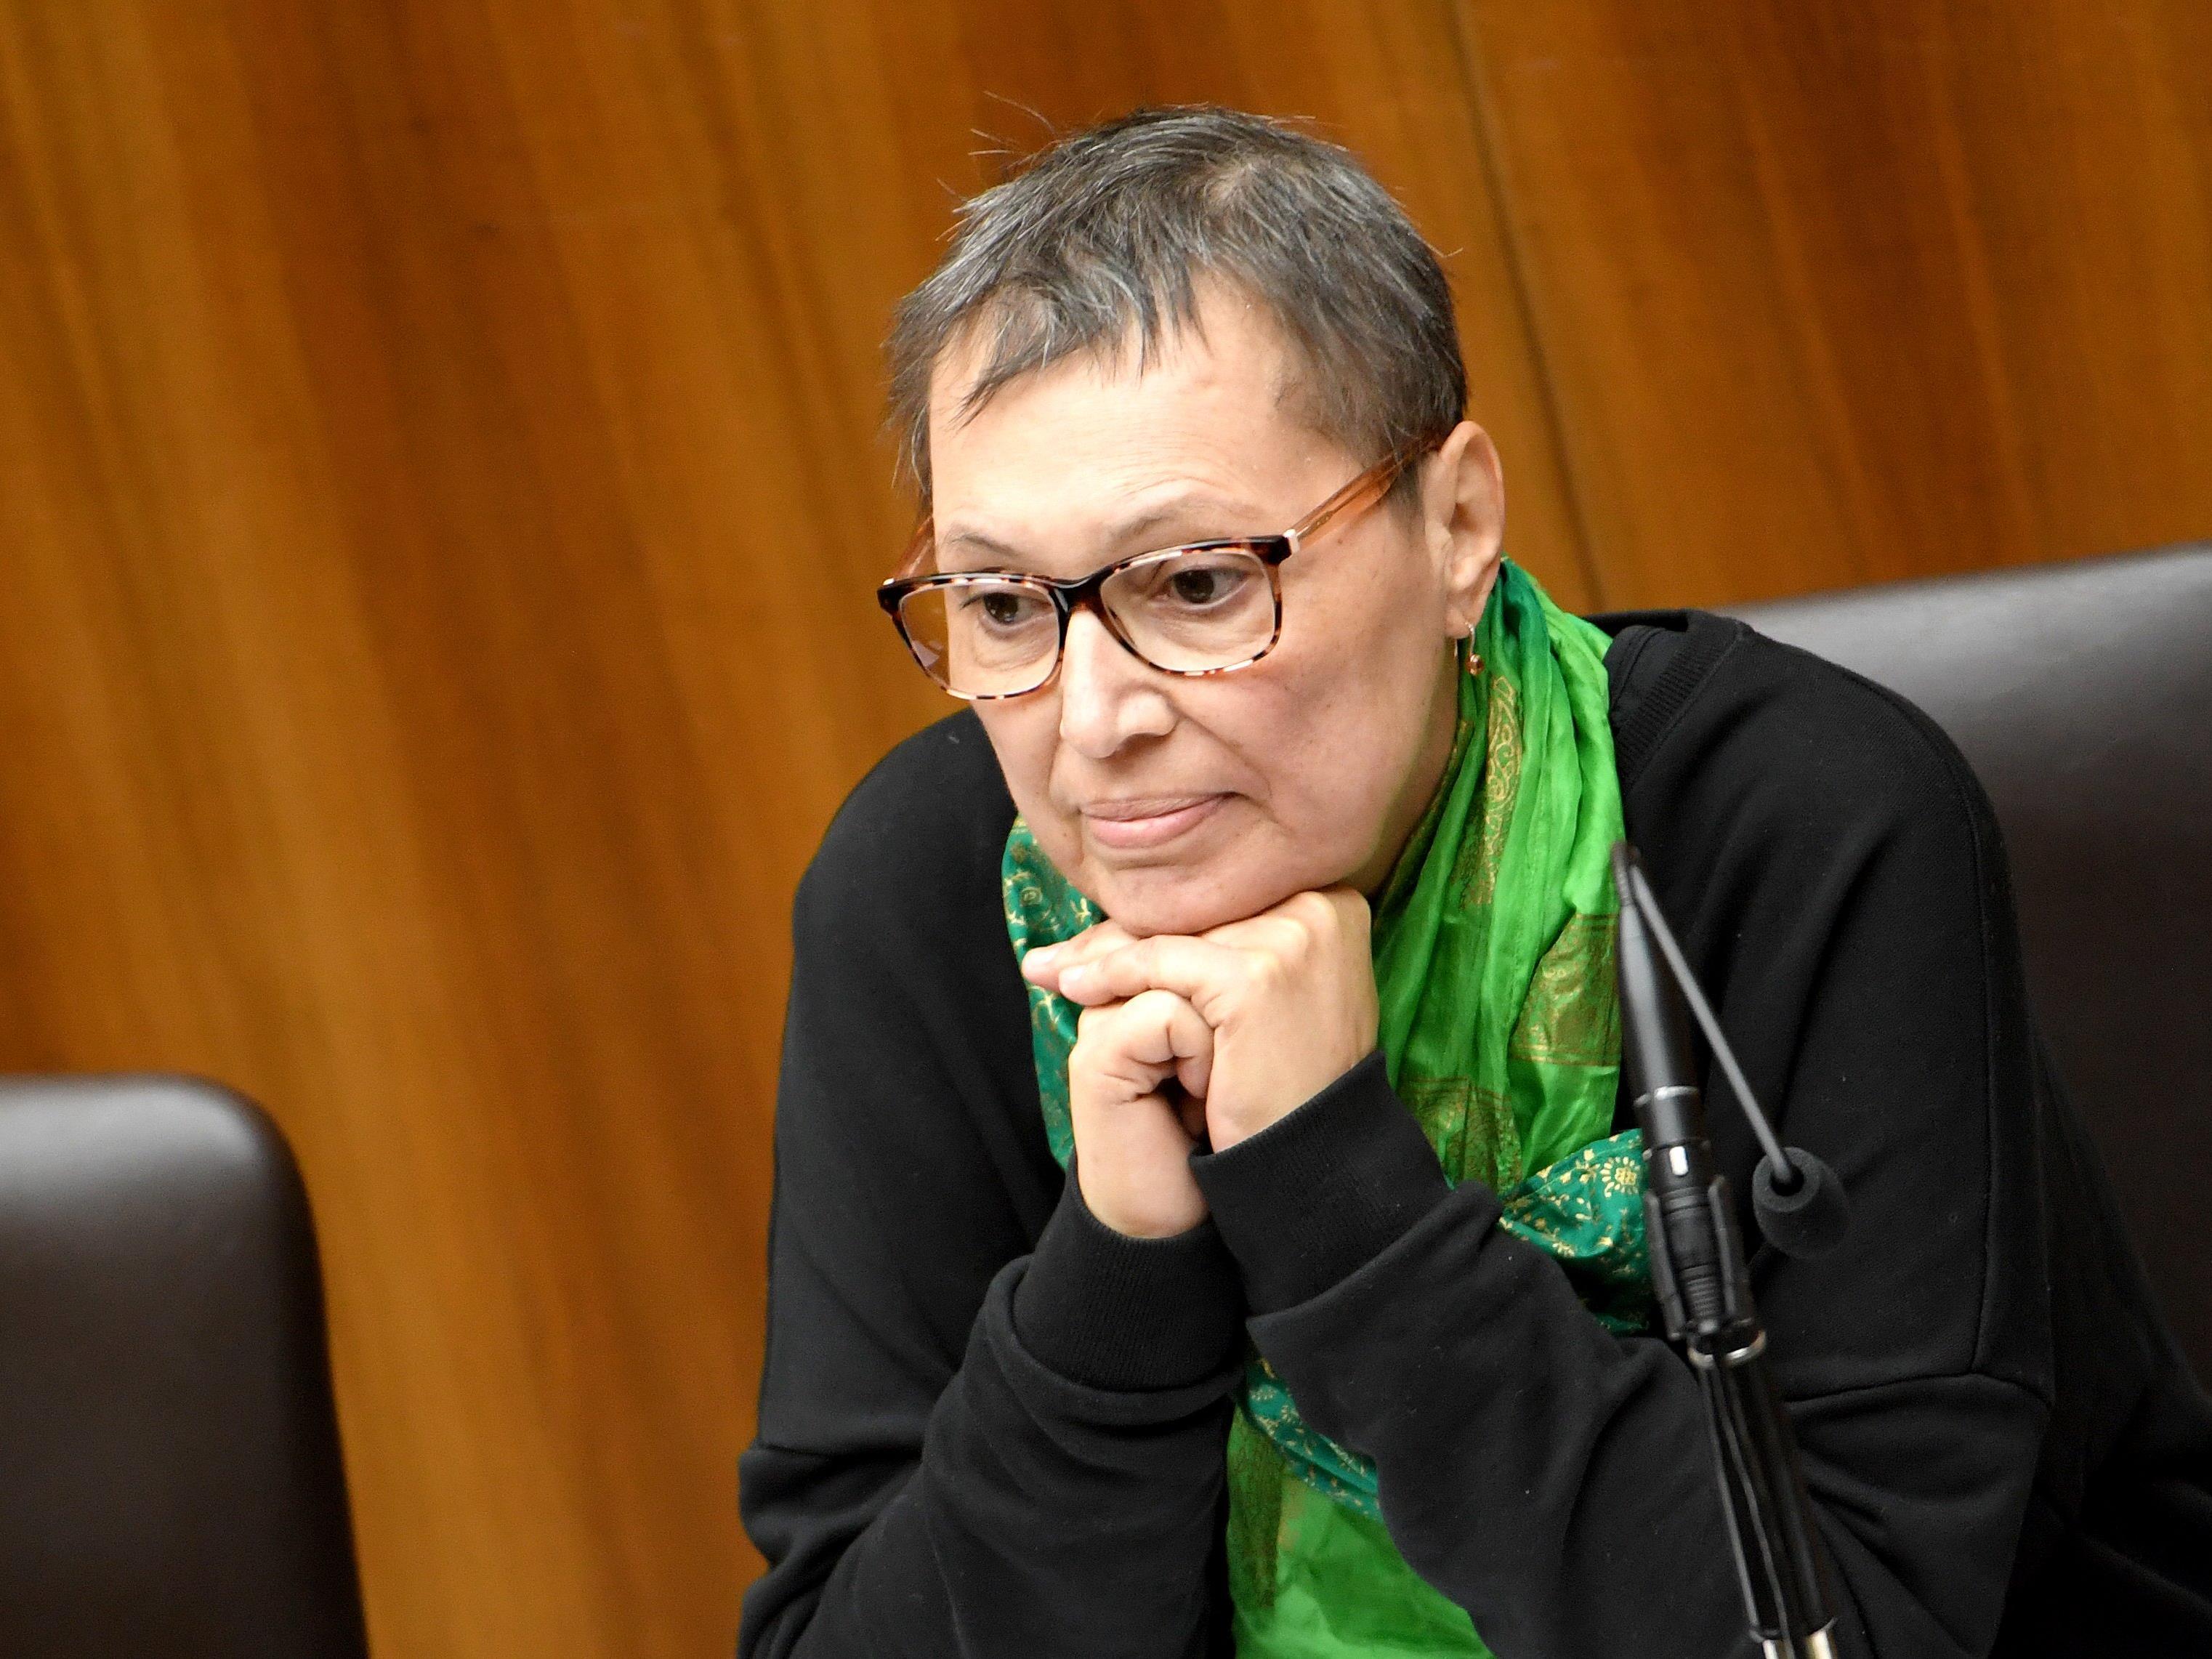 Sabine Oberhauser ist auf dem Weg zur Besserung.